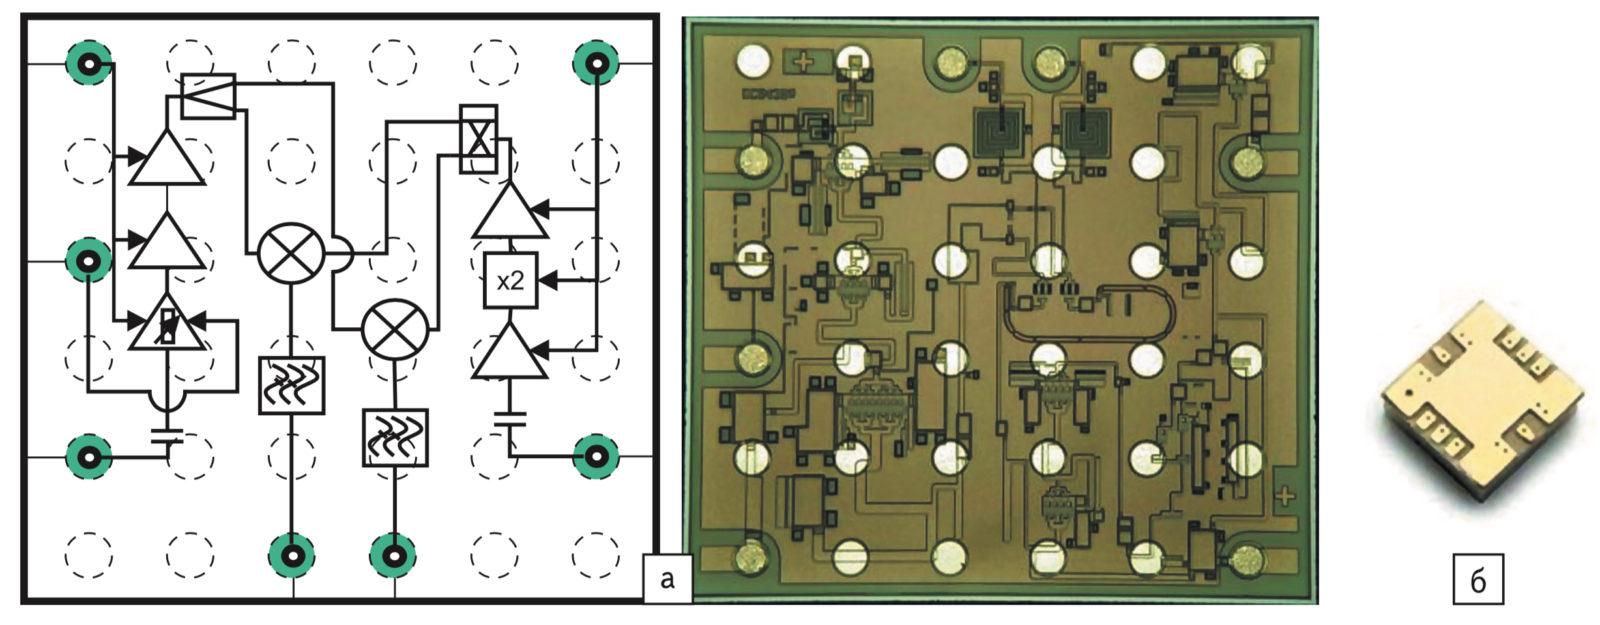 Структура и топология ИС ES/SMM5144XZ компании Sumitomo Electric; б) конструктив ИС AMGP-6552 от компании Avago Technologies